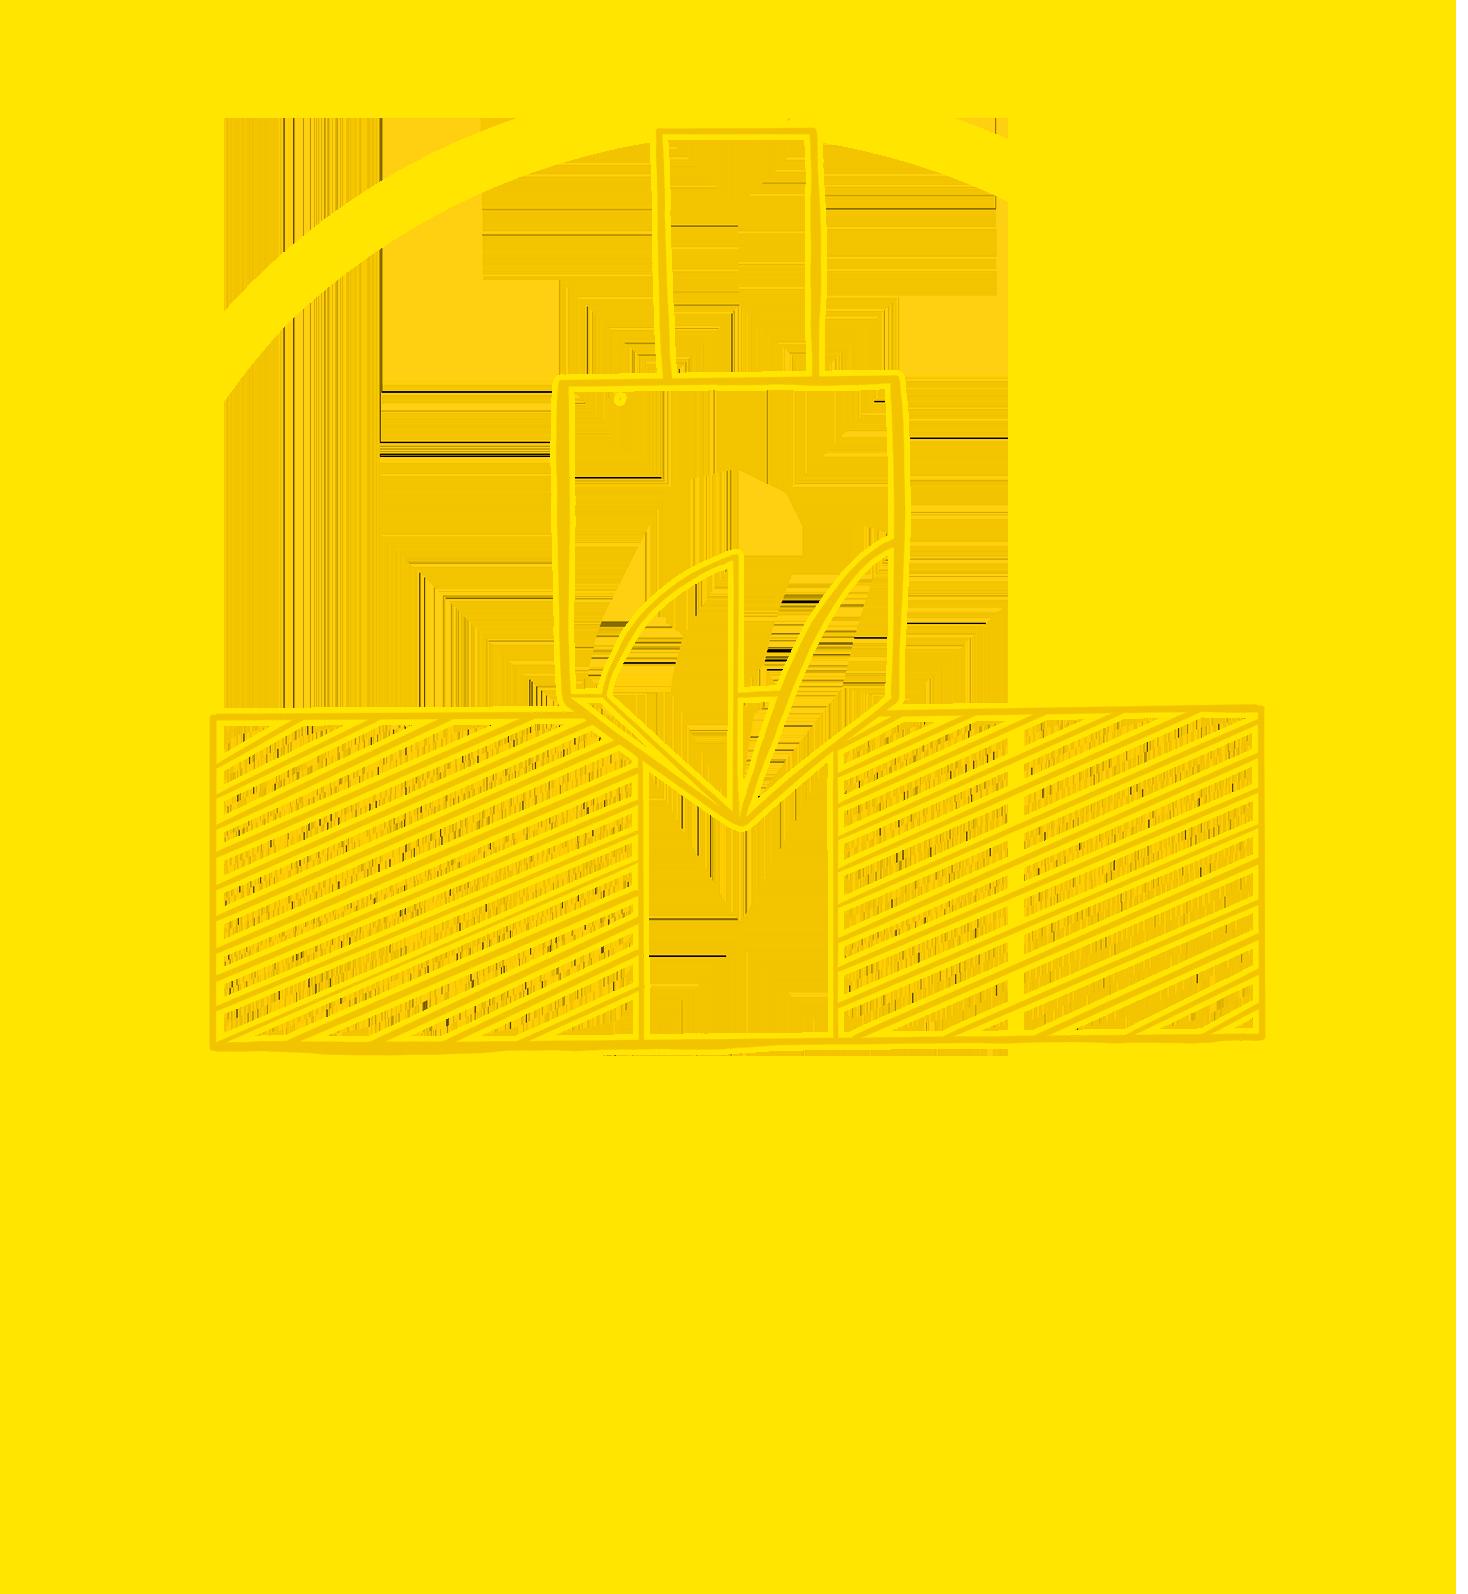 RIMAdo - Operación de mecanizado para conseguir un buen acabado superficial o bien para agrandar agujeros que han sido taladrados con una broca de un diámetro un inferior.